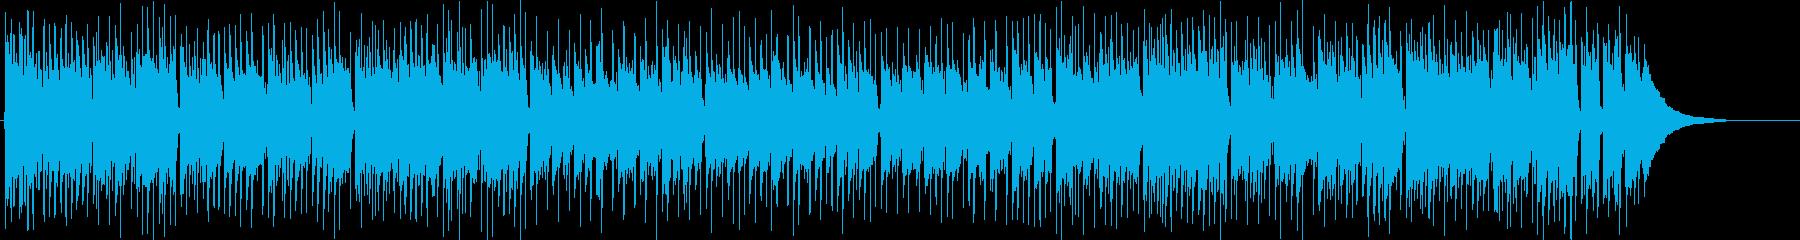 アコギ 生演奏 楽しい アイリッシュの再生済みの波形